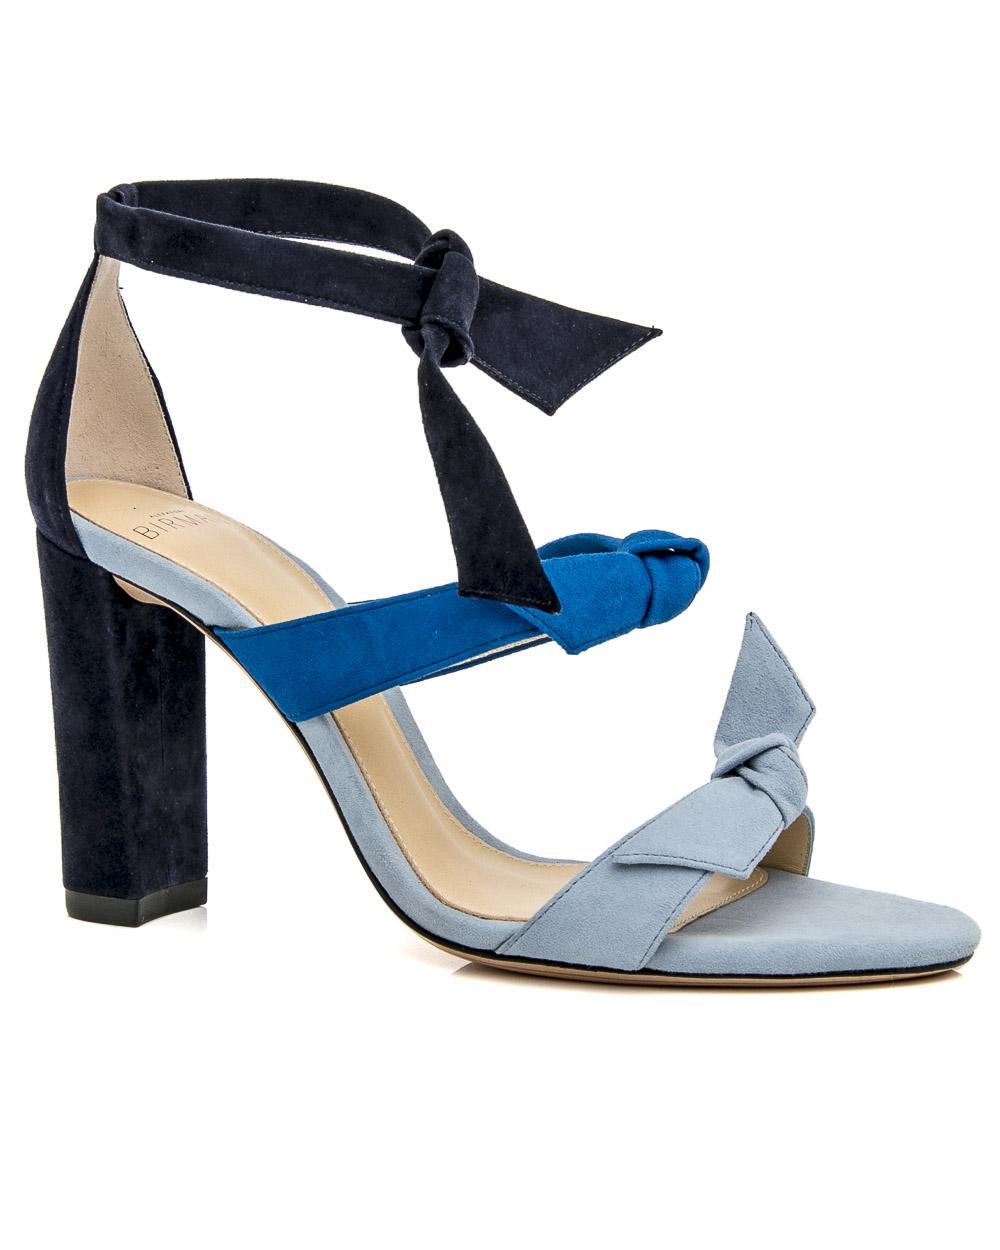 fcdcda0d2a74 Lyst - Alexandre Birman Lolita Suede Block Heel Sandal in Blue